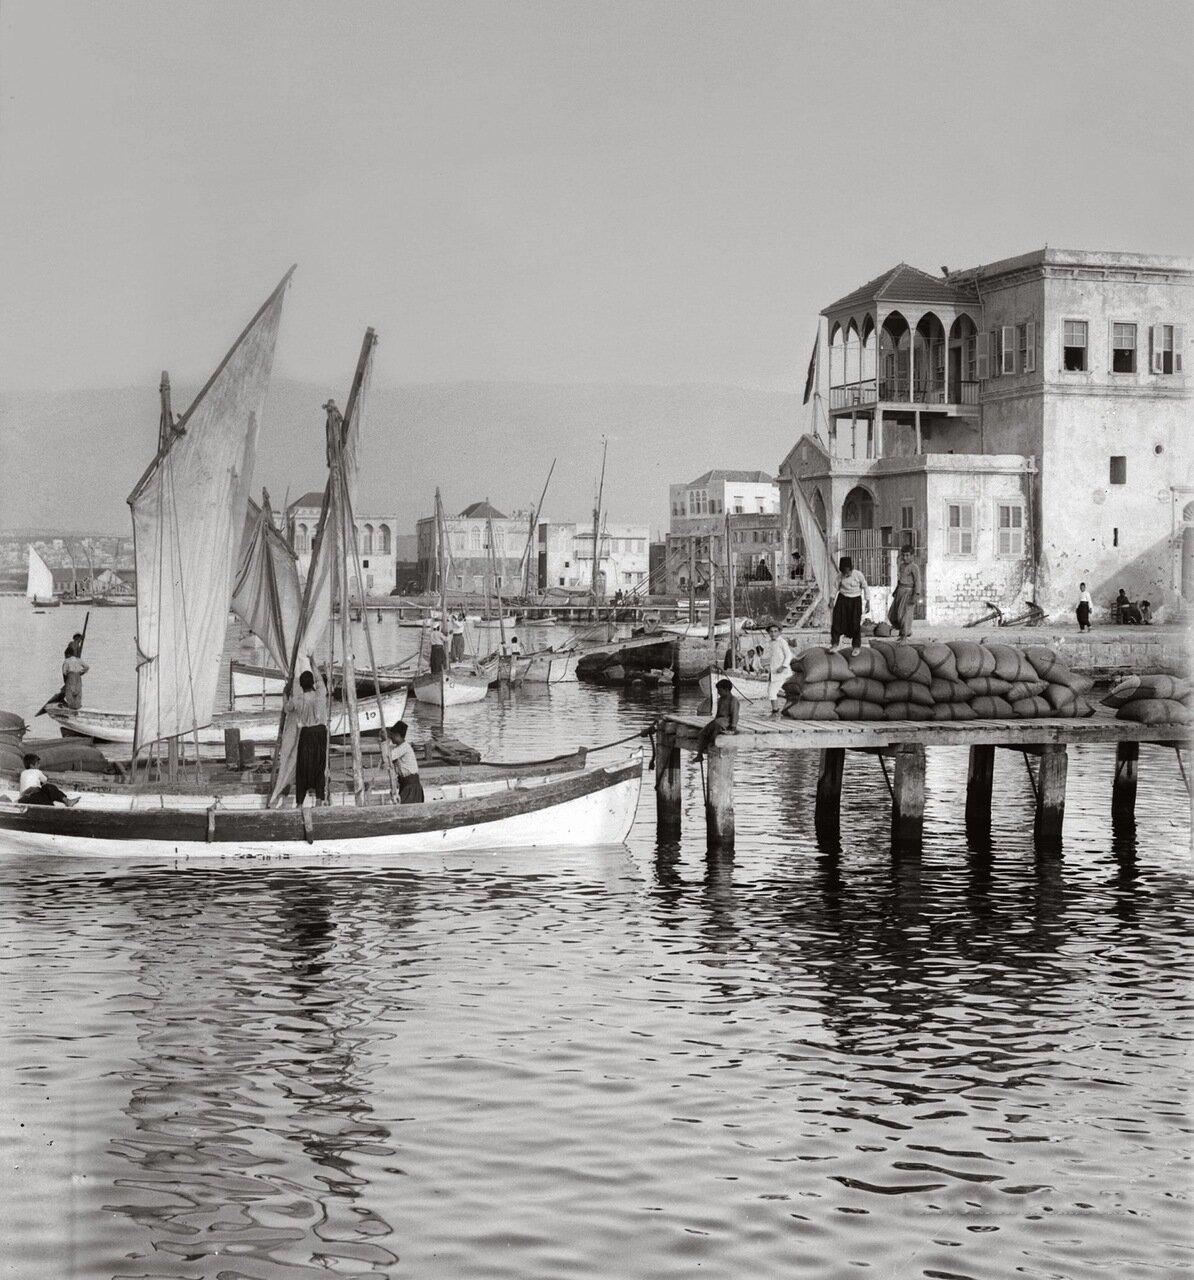 Порт Эль-Мина. Триполи, Ливан. 1900-1920 гг.